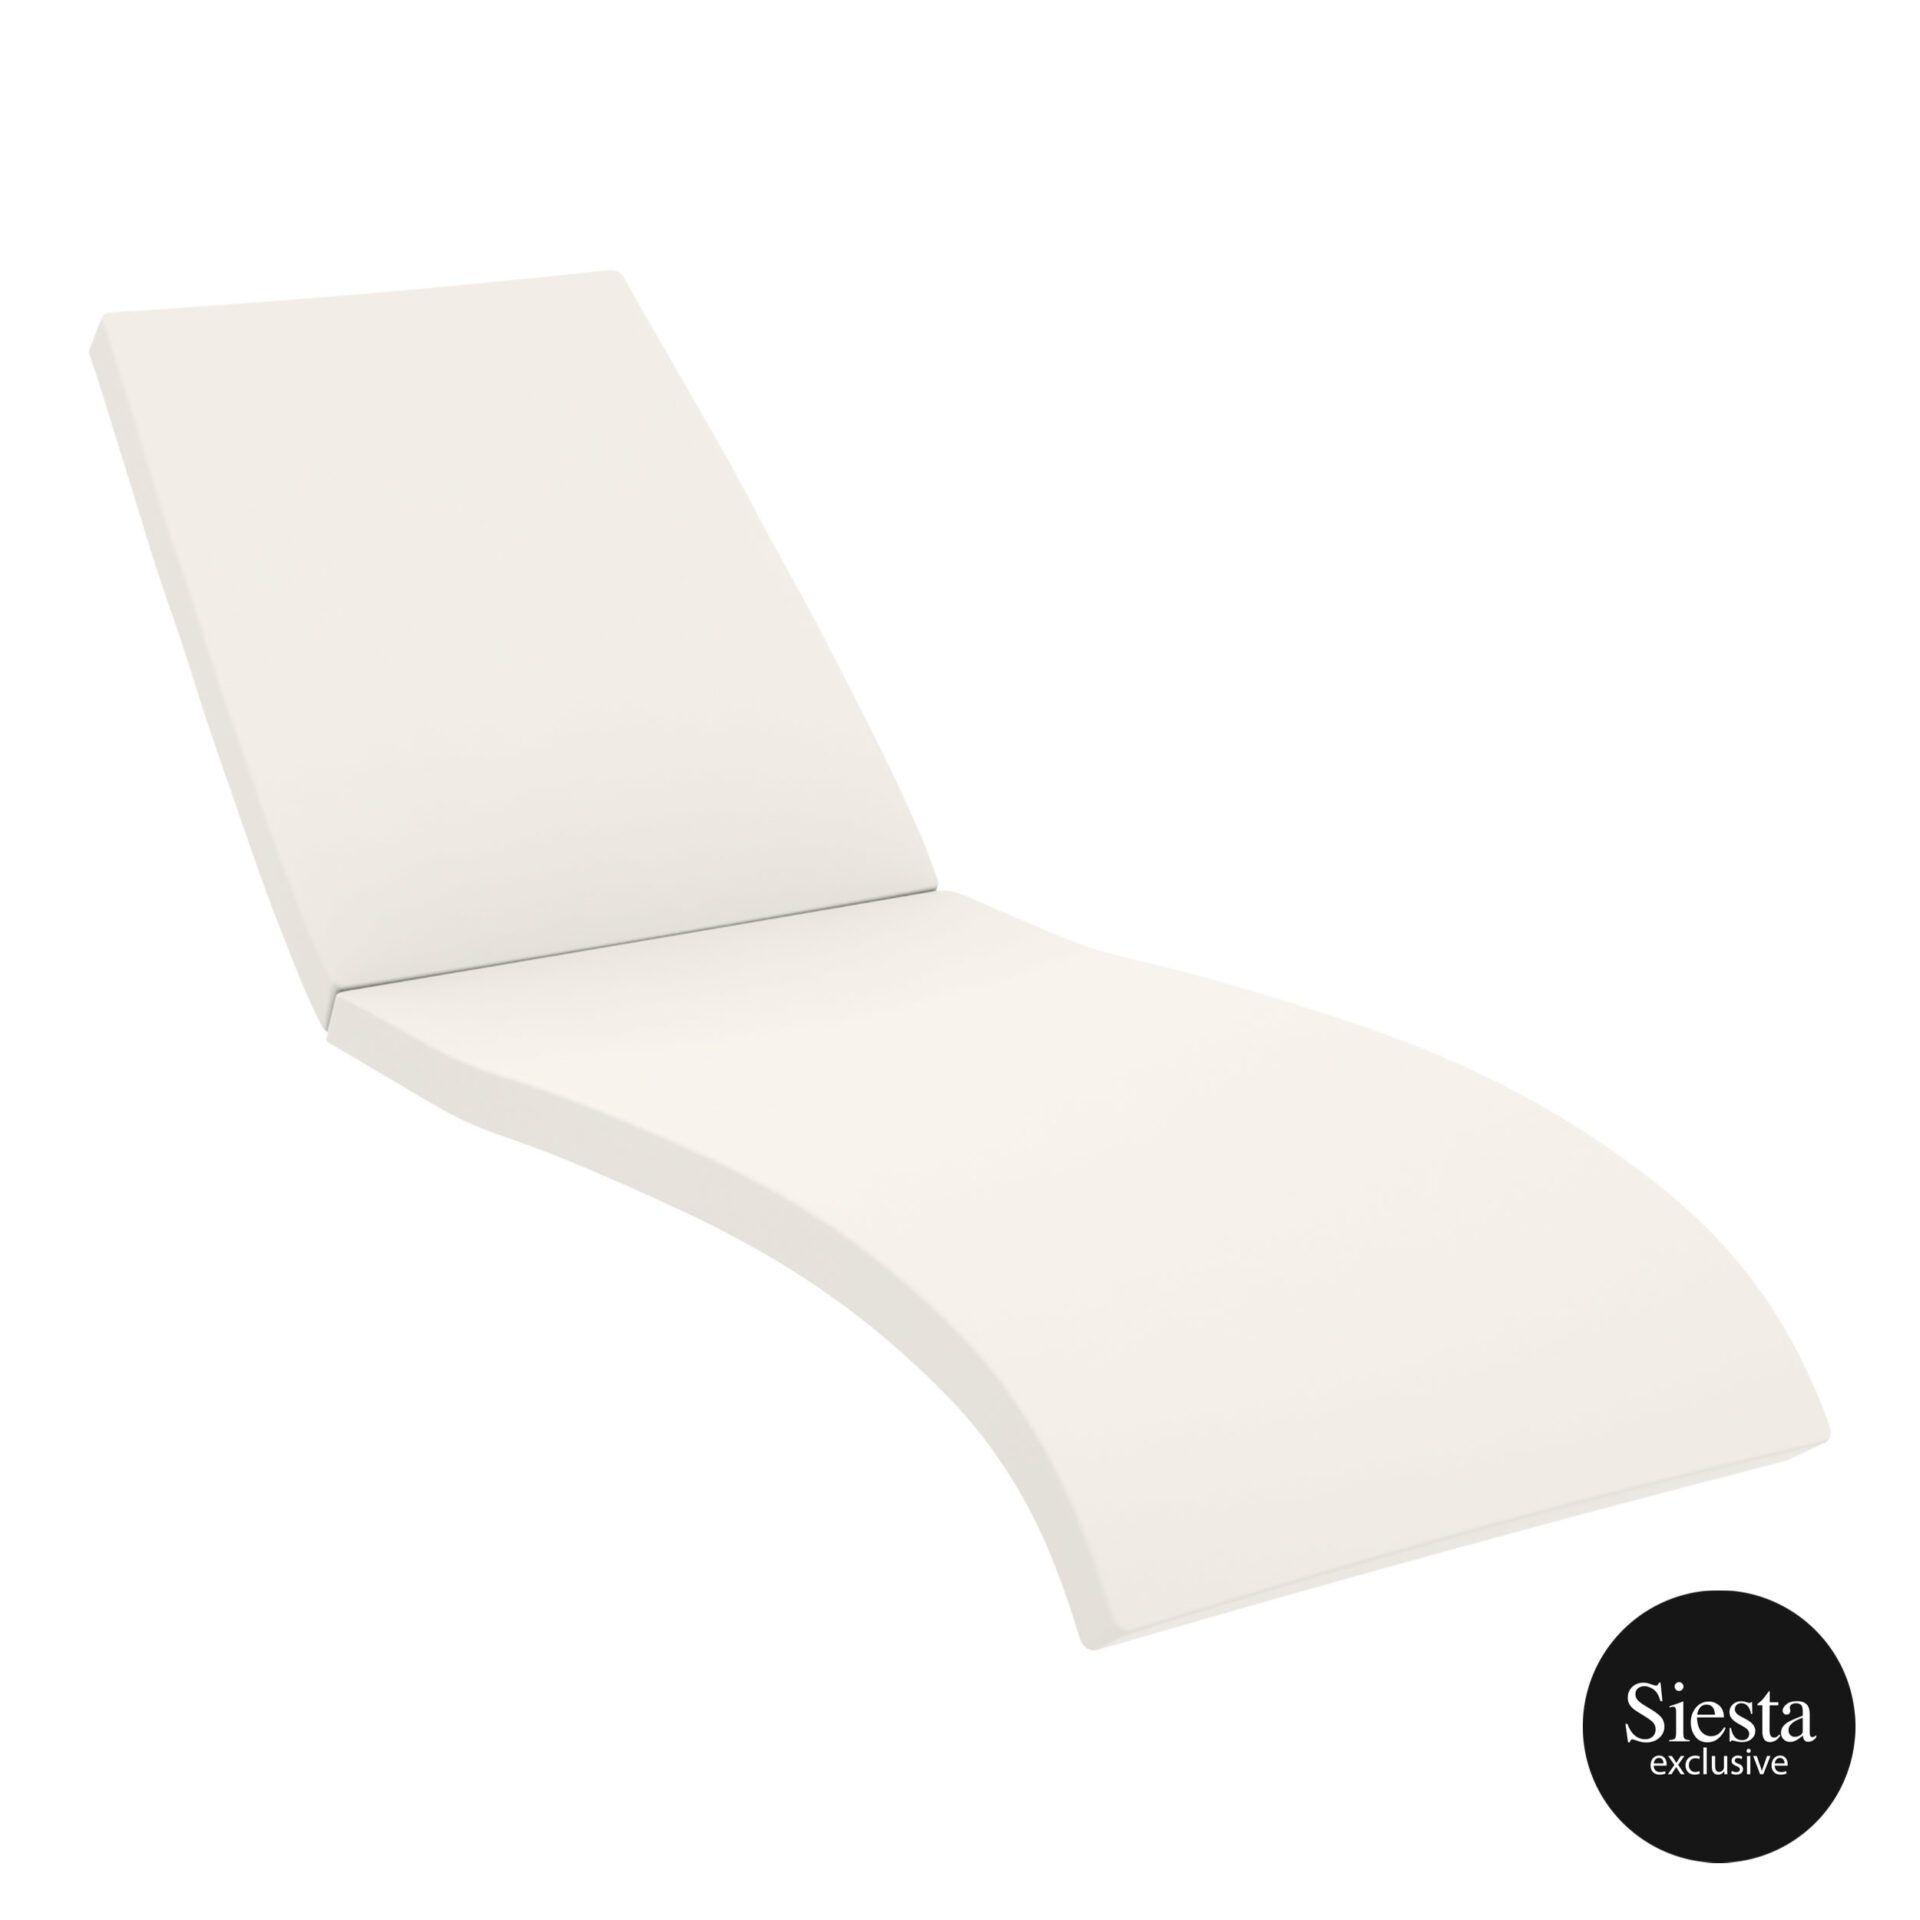 outdoor resin rattan fiji sunlounger cushion cushion